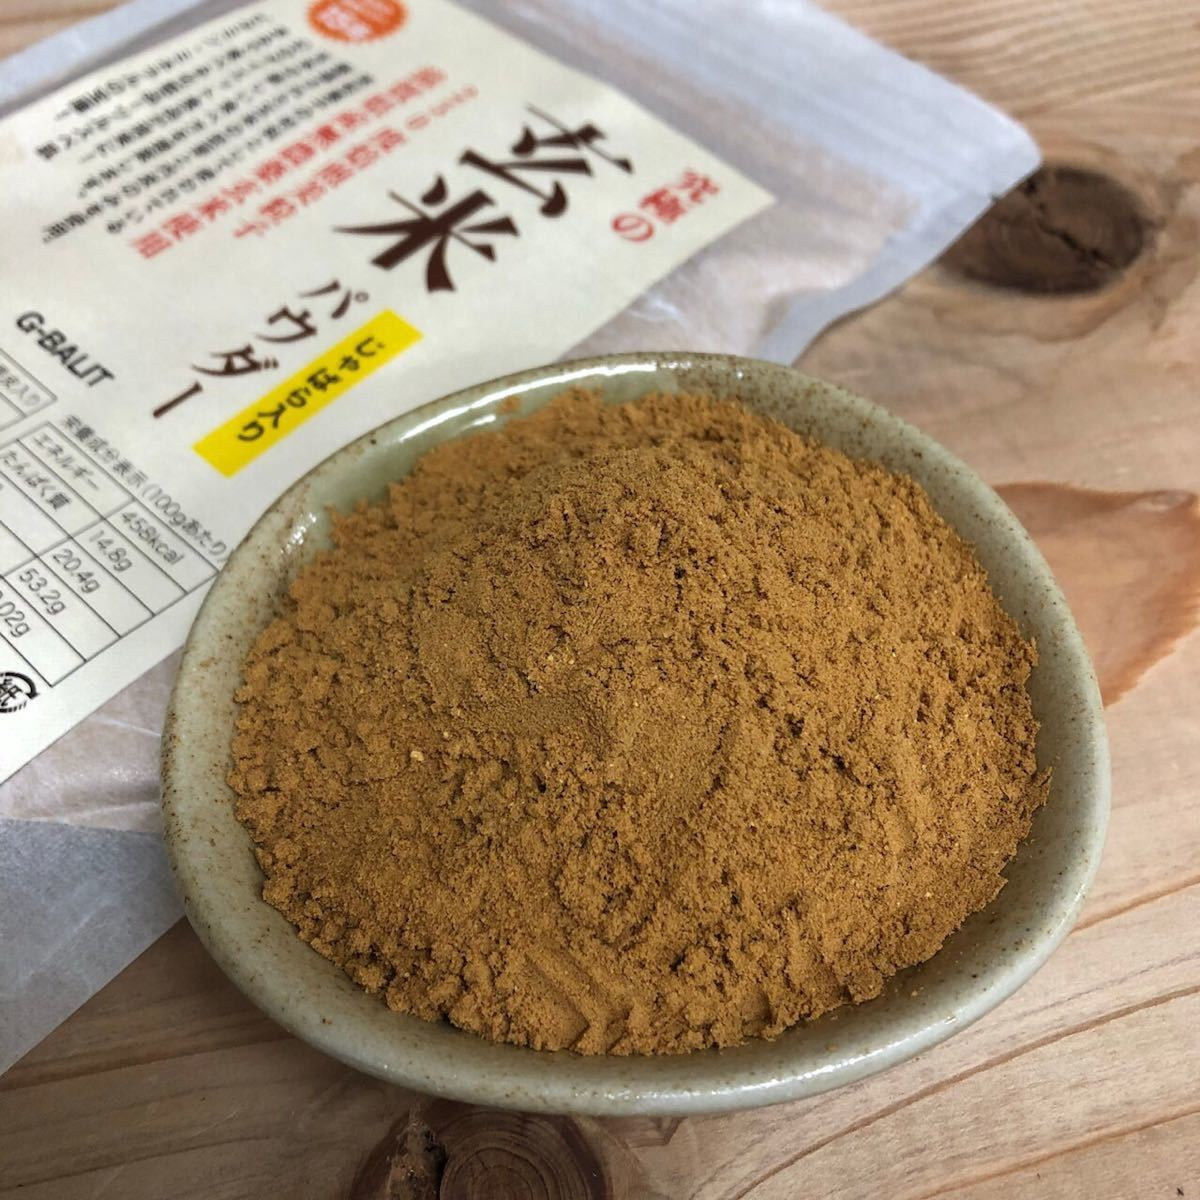 究極の玄米パウダーじゃばら果皮配合 150g 滋賀県産無農薬近江米使用 美粒子タイプ じゃばら 玄米 玄米粉じゃばら果皮 UP HADOO_画像3